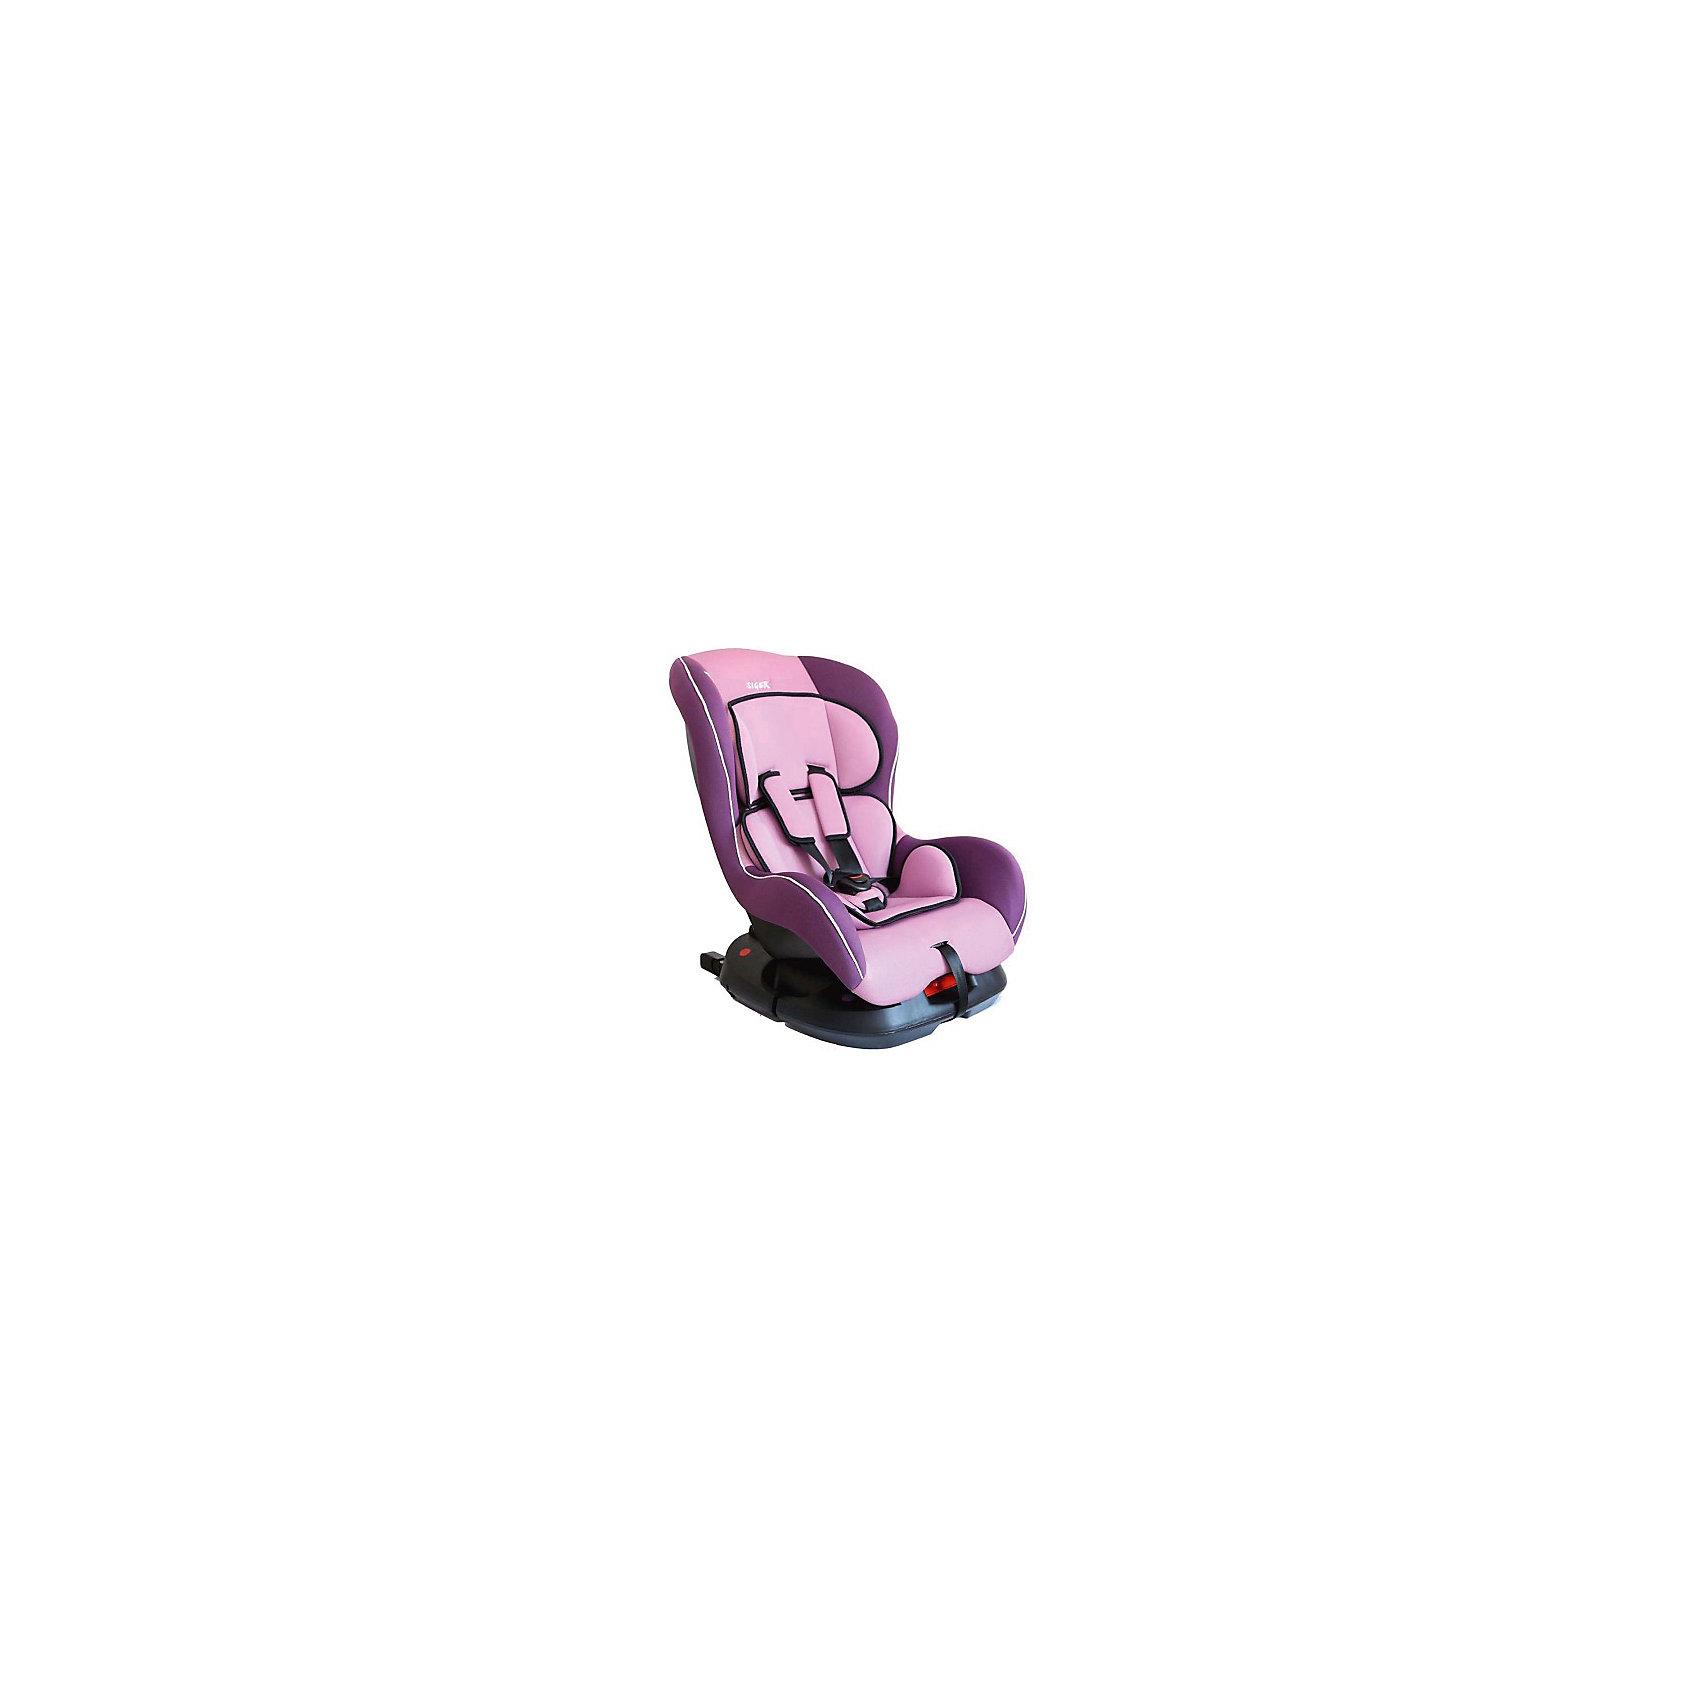 Автокресло Наутилиус isofix 0-18 кг., Siger, фиолетовыйSiger Наутилус Isofix современное, удобное кресло приятной расцветки, обладает анатомической формой. Автокресло имеет регулируемый наклон спинки в пяти положениях, что позволяет Вашему малышу комфортно сидеть, лежать или спать в дороге. Мягкий подголовник защитит голову вашего ребенка с трех сторон.<br><br>Дополнительная информация:<br><br>- Материал: текстиль, пластик, металл.<br>- Размер: 62x59x45 см<br>- Возраст: от 0 месяцев до 4 лет<br>- Группа: 0/1 (до 18 кг)<br>- Вес кресла: 5.7 кг<br>- Внутренние 5-точечные ремни безопасности<br>- 5 положений регулировки наклона кресла<br>- Вид крепления: система IZOFIX<br><br>Автокресло Наутилиус isofix 0-18 кг., Siger, фиолетовый можно купить в нашем интернет-магазине.<br><br>Ширина мм: 620<br>Глубина мм: 450<br>Высота мм: 620<br>Вес г: 6700<br>Возраст от месяцев: 0<br>Возраст до месяцев: 48<br>Пол: Унисекс<br>Возраст: Детский<br>SKU: 4809121